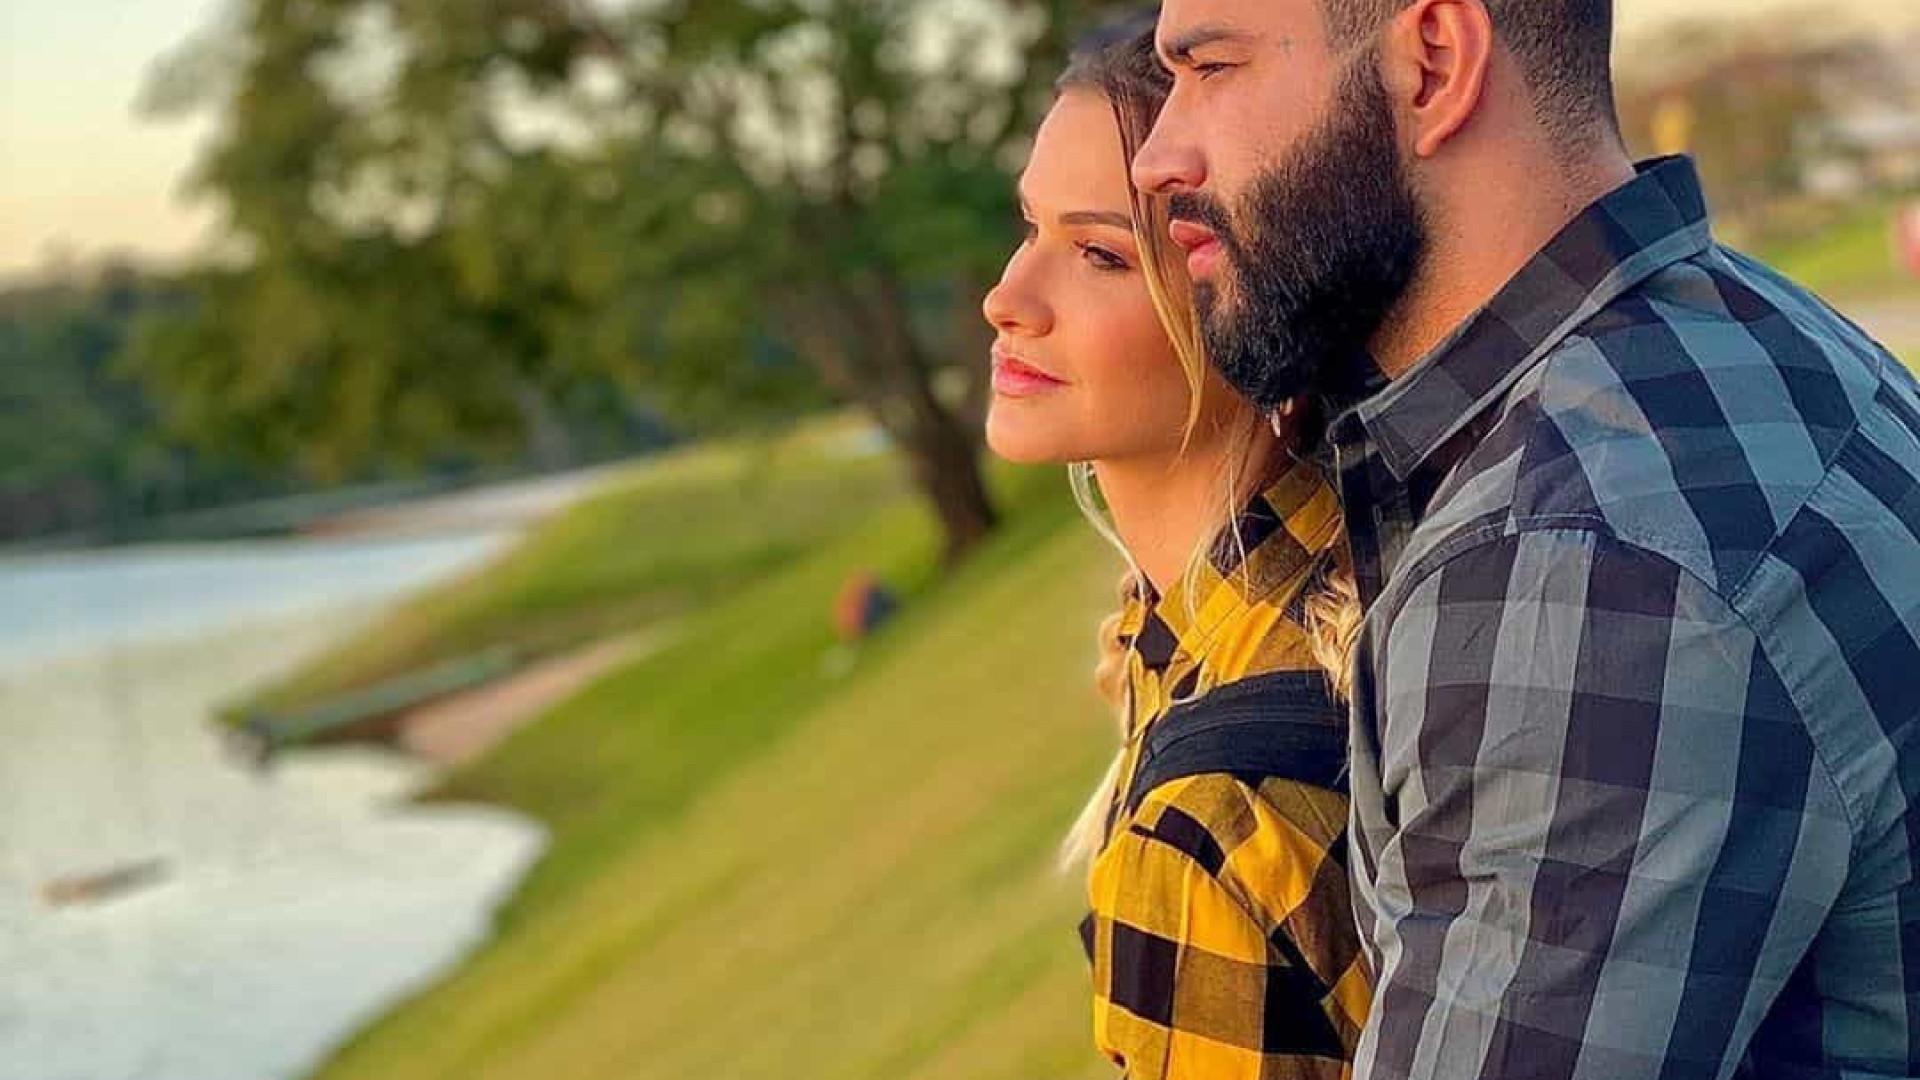 Gusttavo Lima e Andressa Suita viajam juntos para tentarem reconciliação